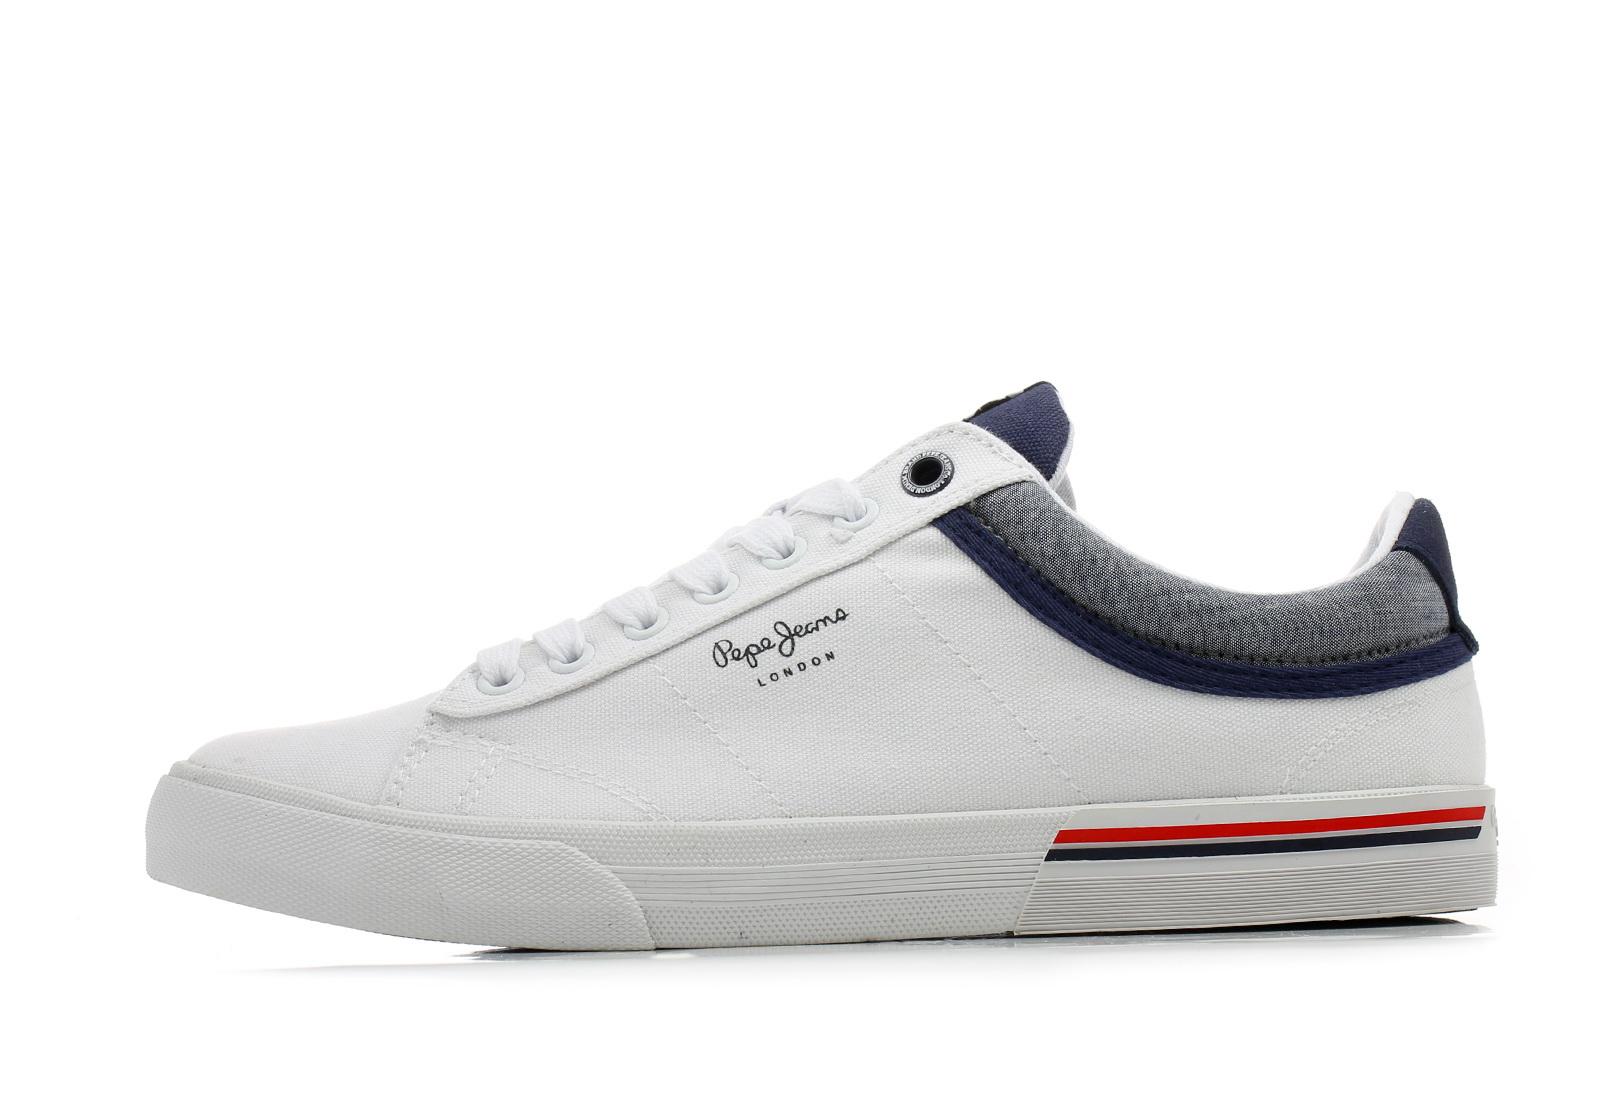 Pepe Jeans Cipő - Pms30530 - PMS30530800 - Office Shoes Magyarország 39067a5812